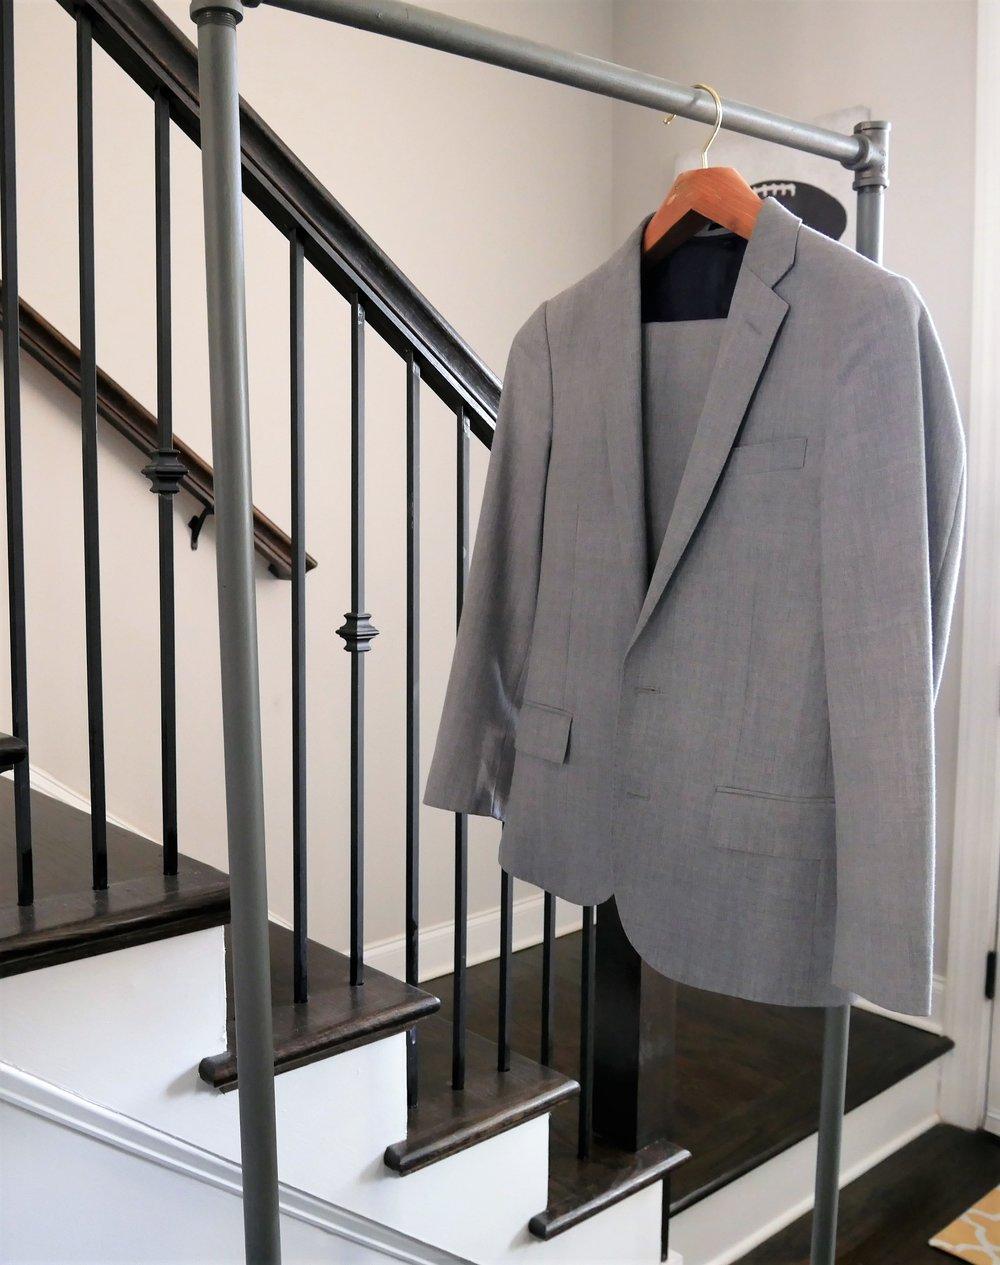 J. Crew Traveler Suit